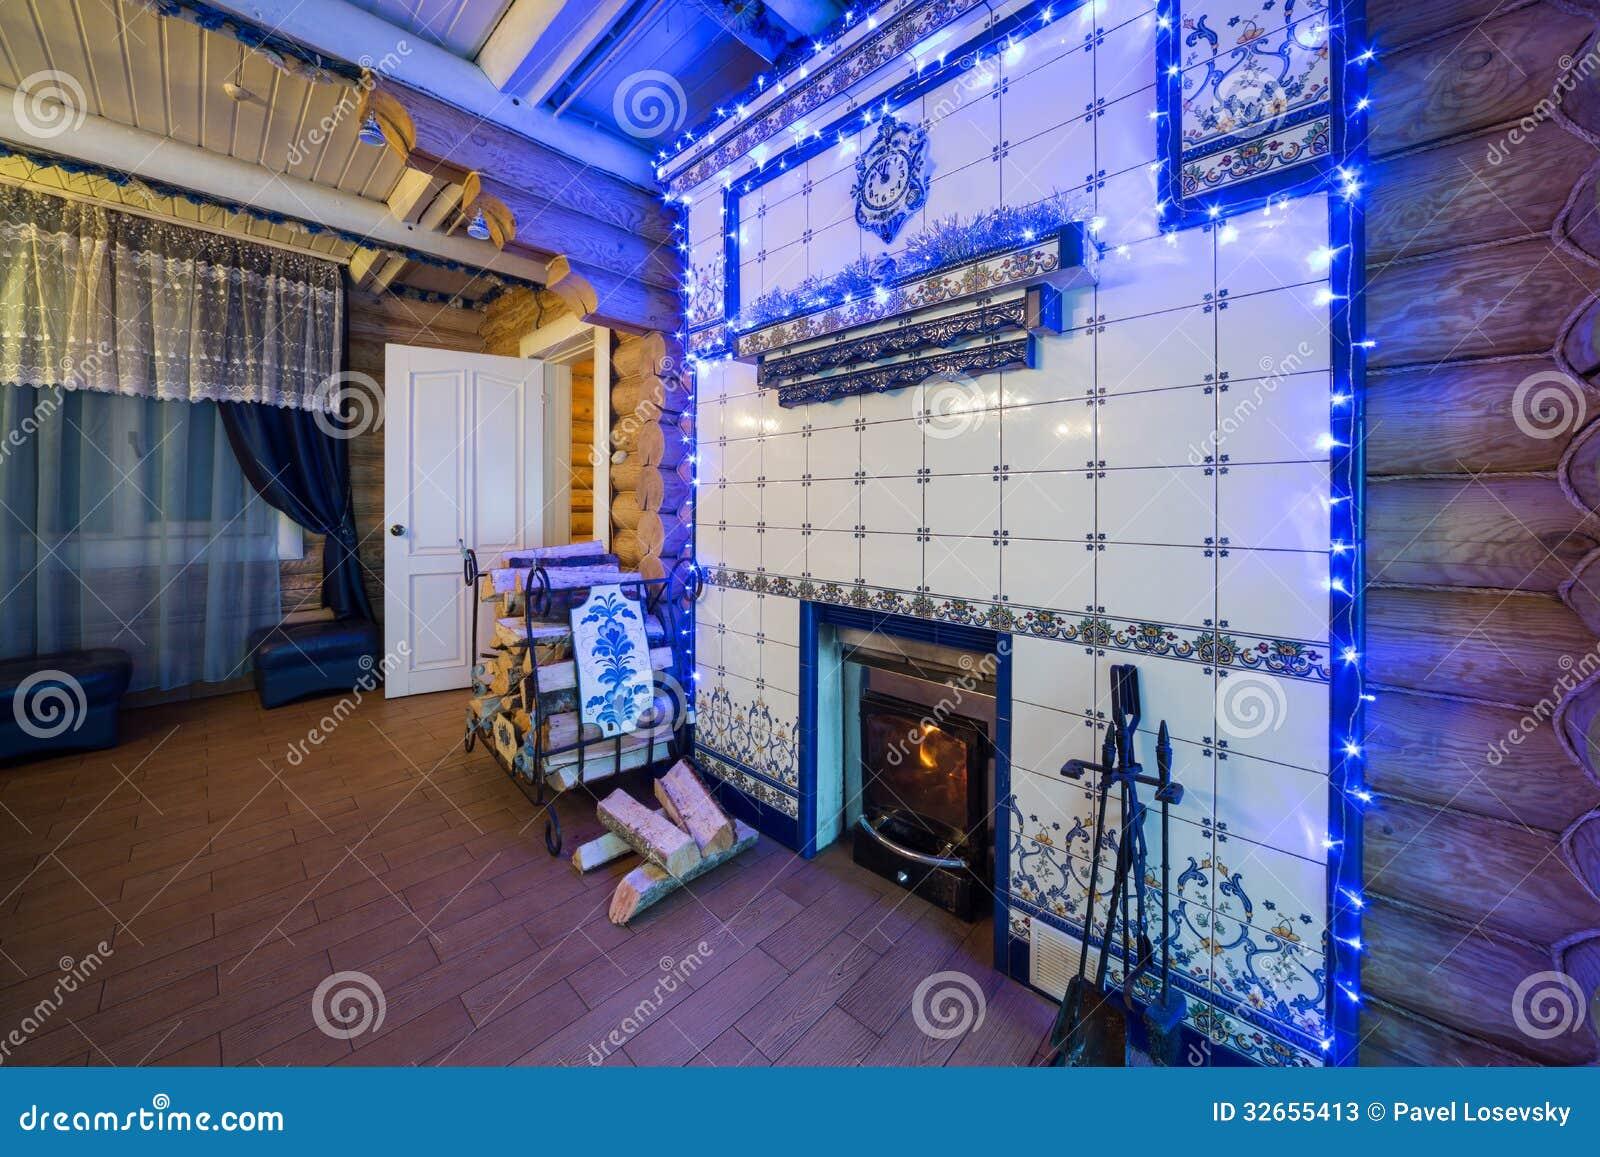 L 39 interno accogliente di una casa di campagna con un - Interno di una casa ...